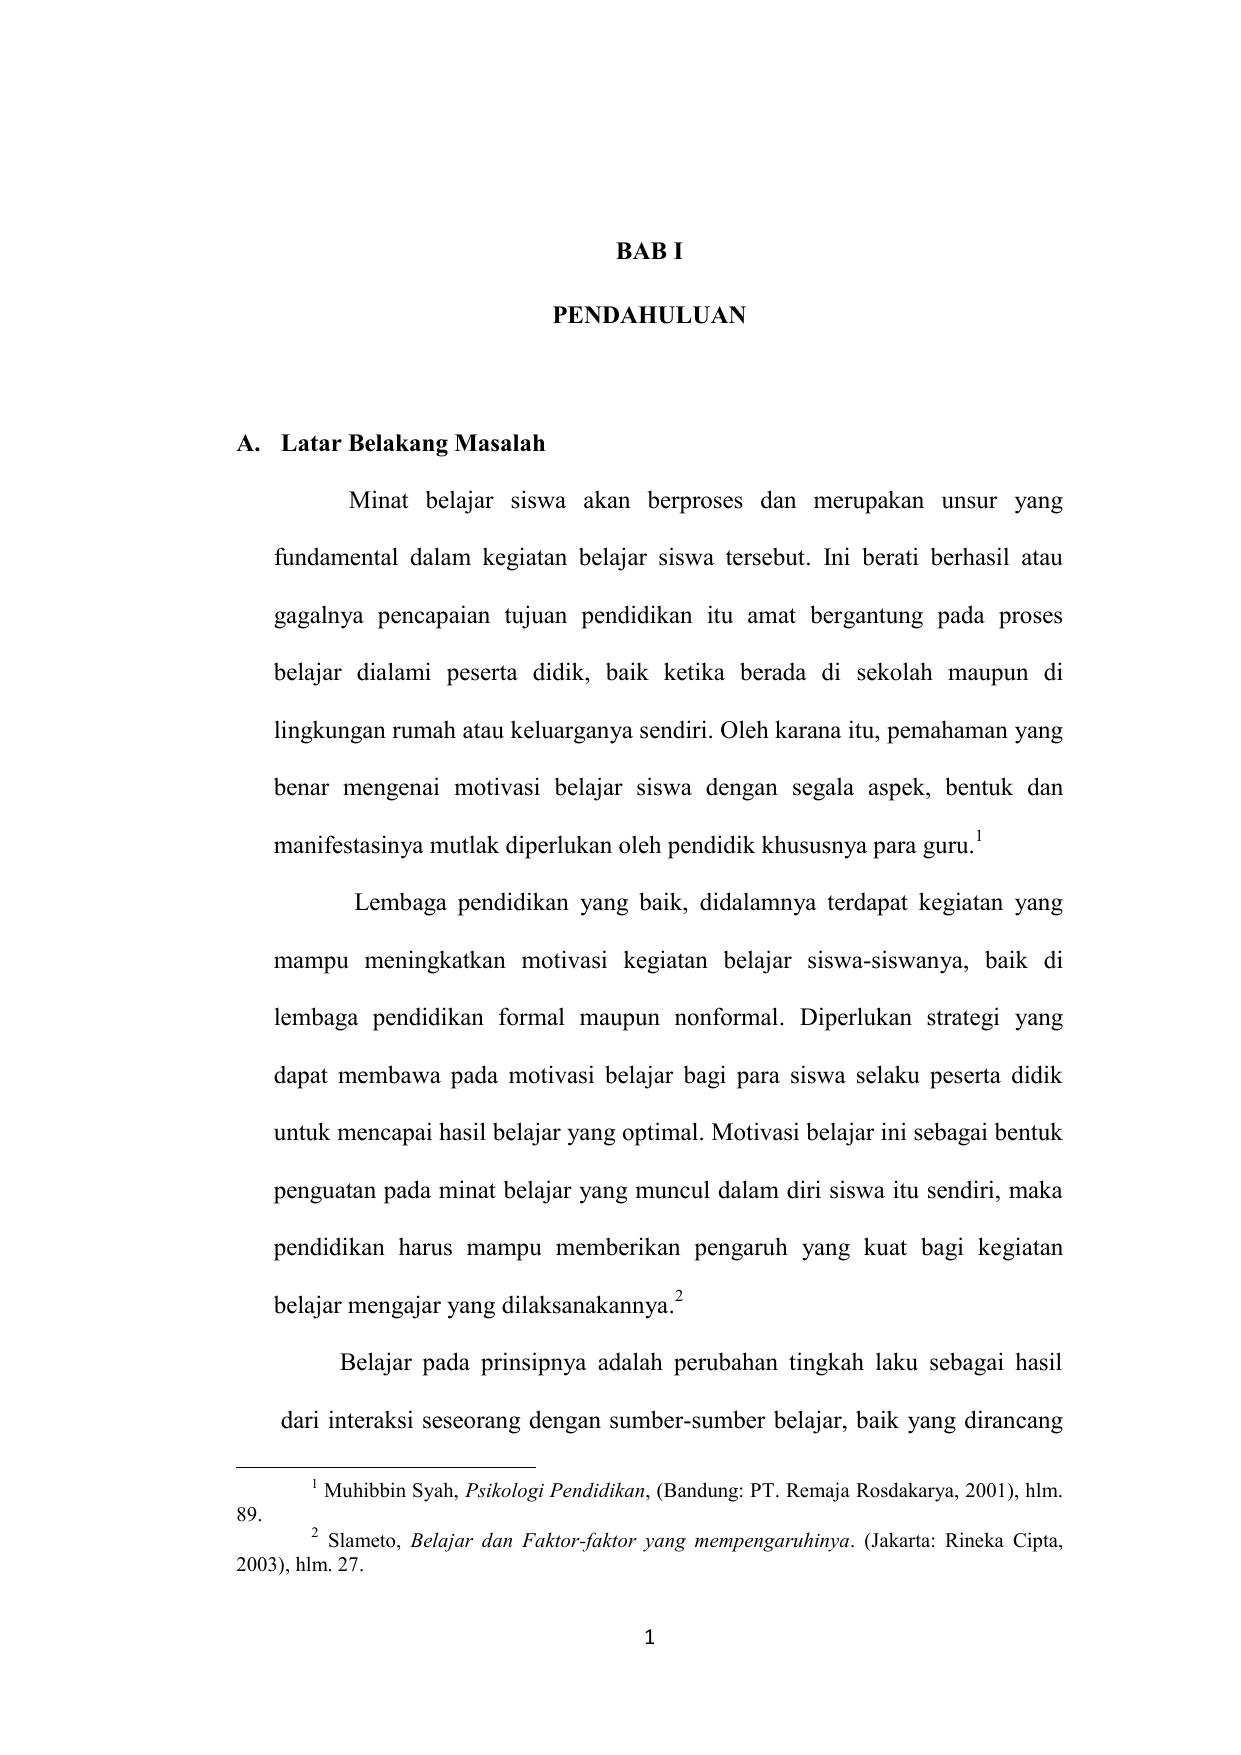 Contoh Proposal Penelitian Kuantitatif Pendidikan Agama Islam Pdf